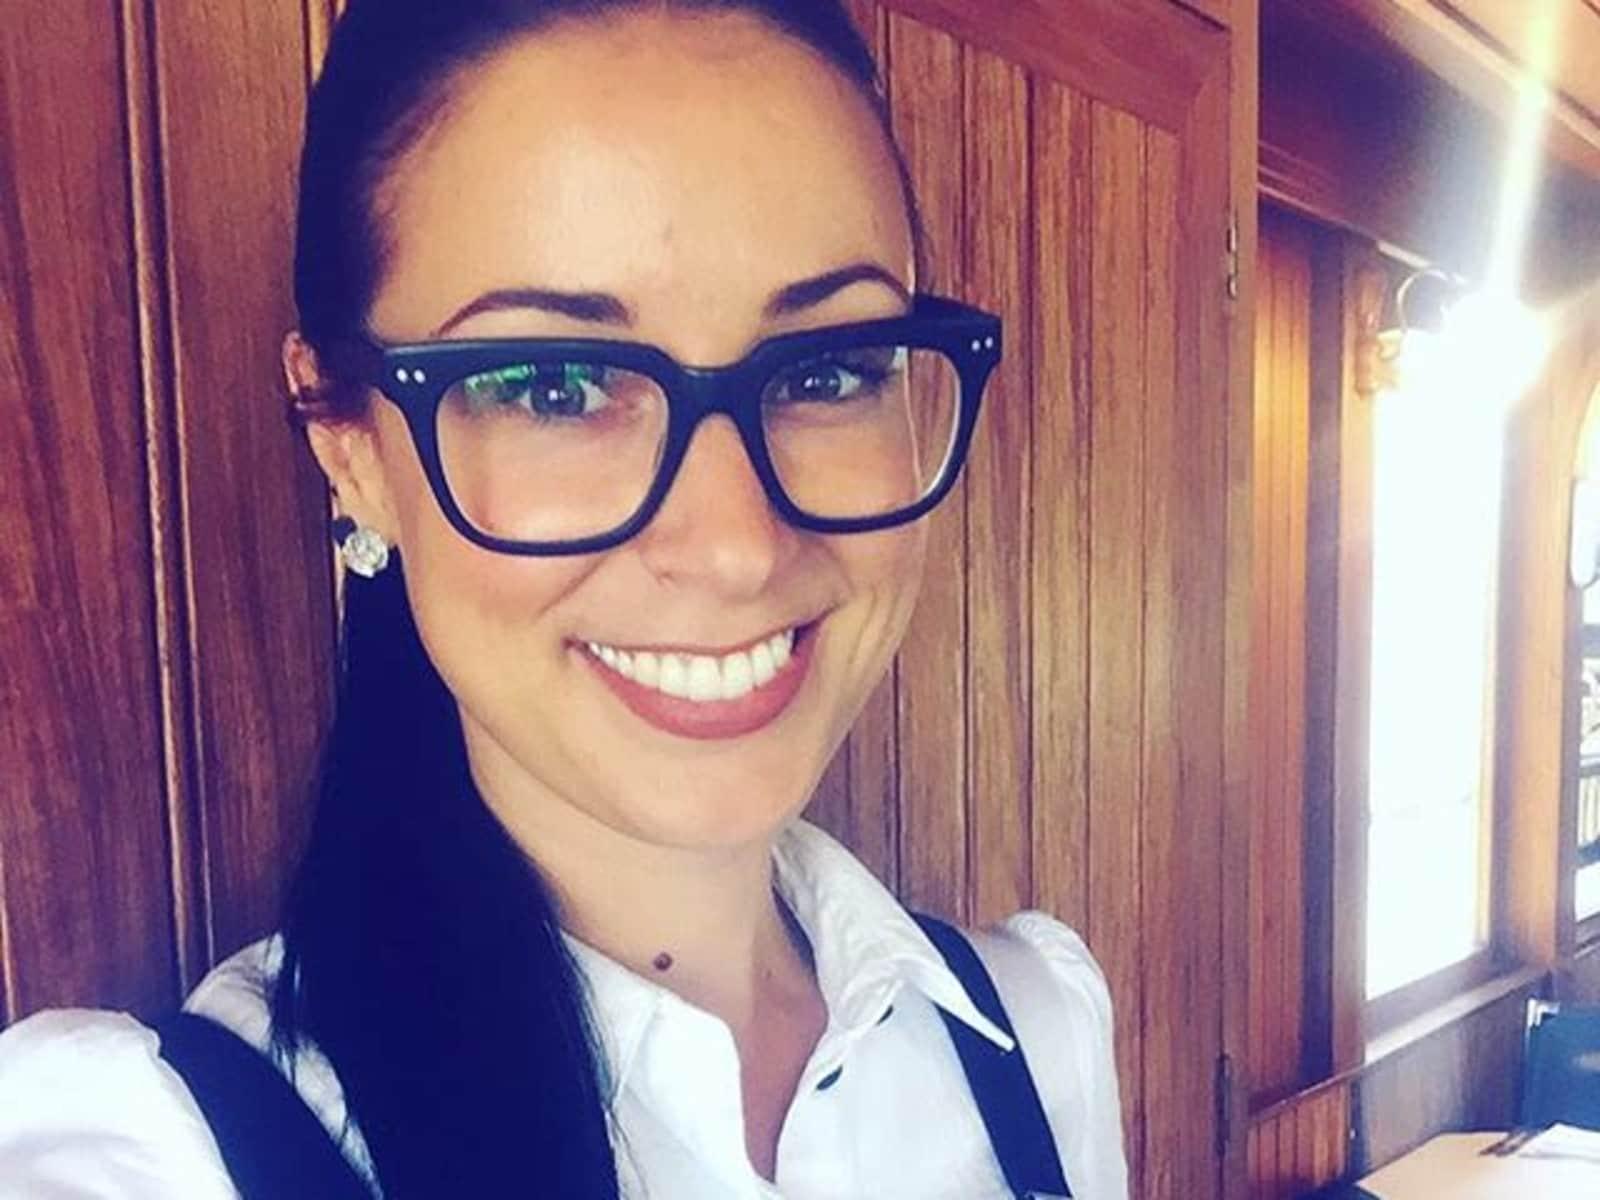 Mila from Brisbane, Queensland, Australia